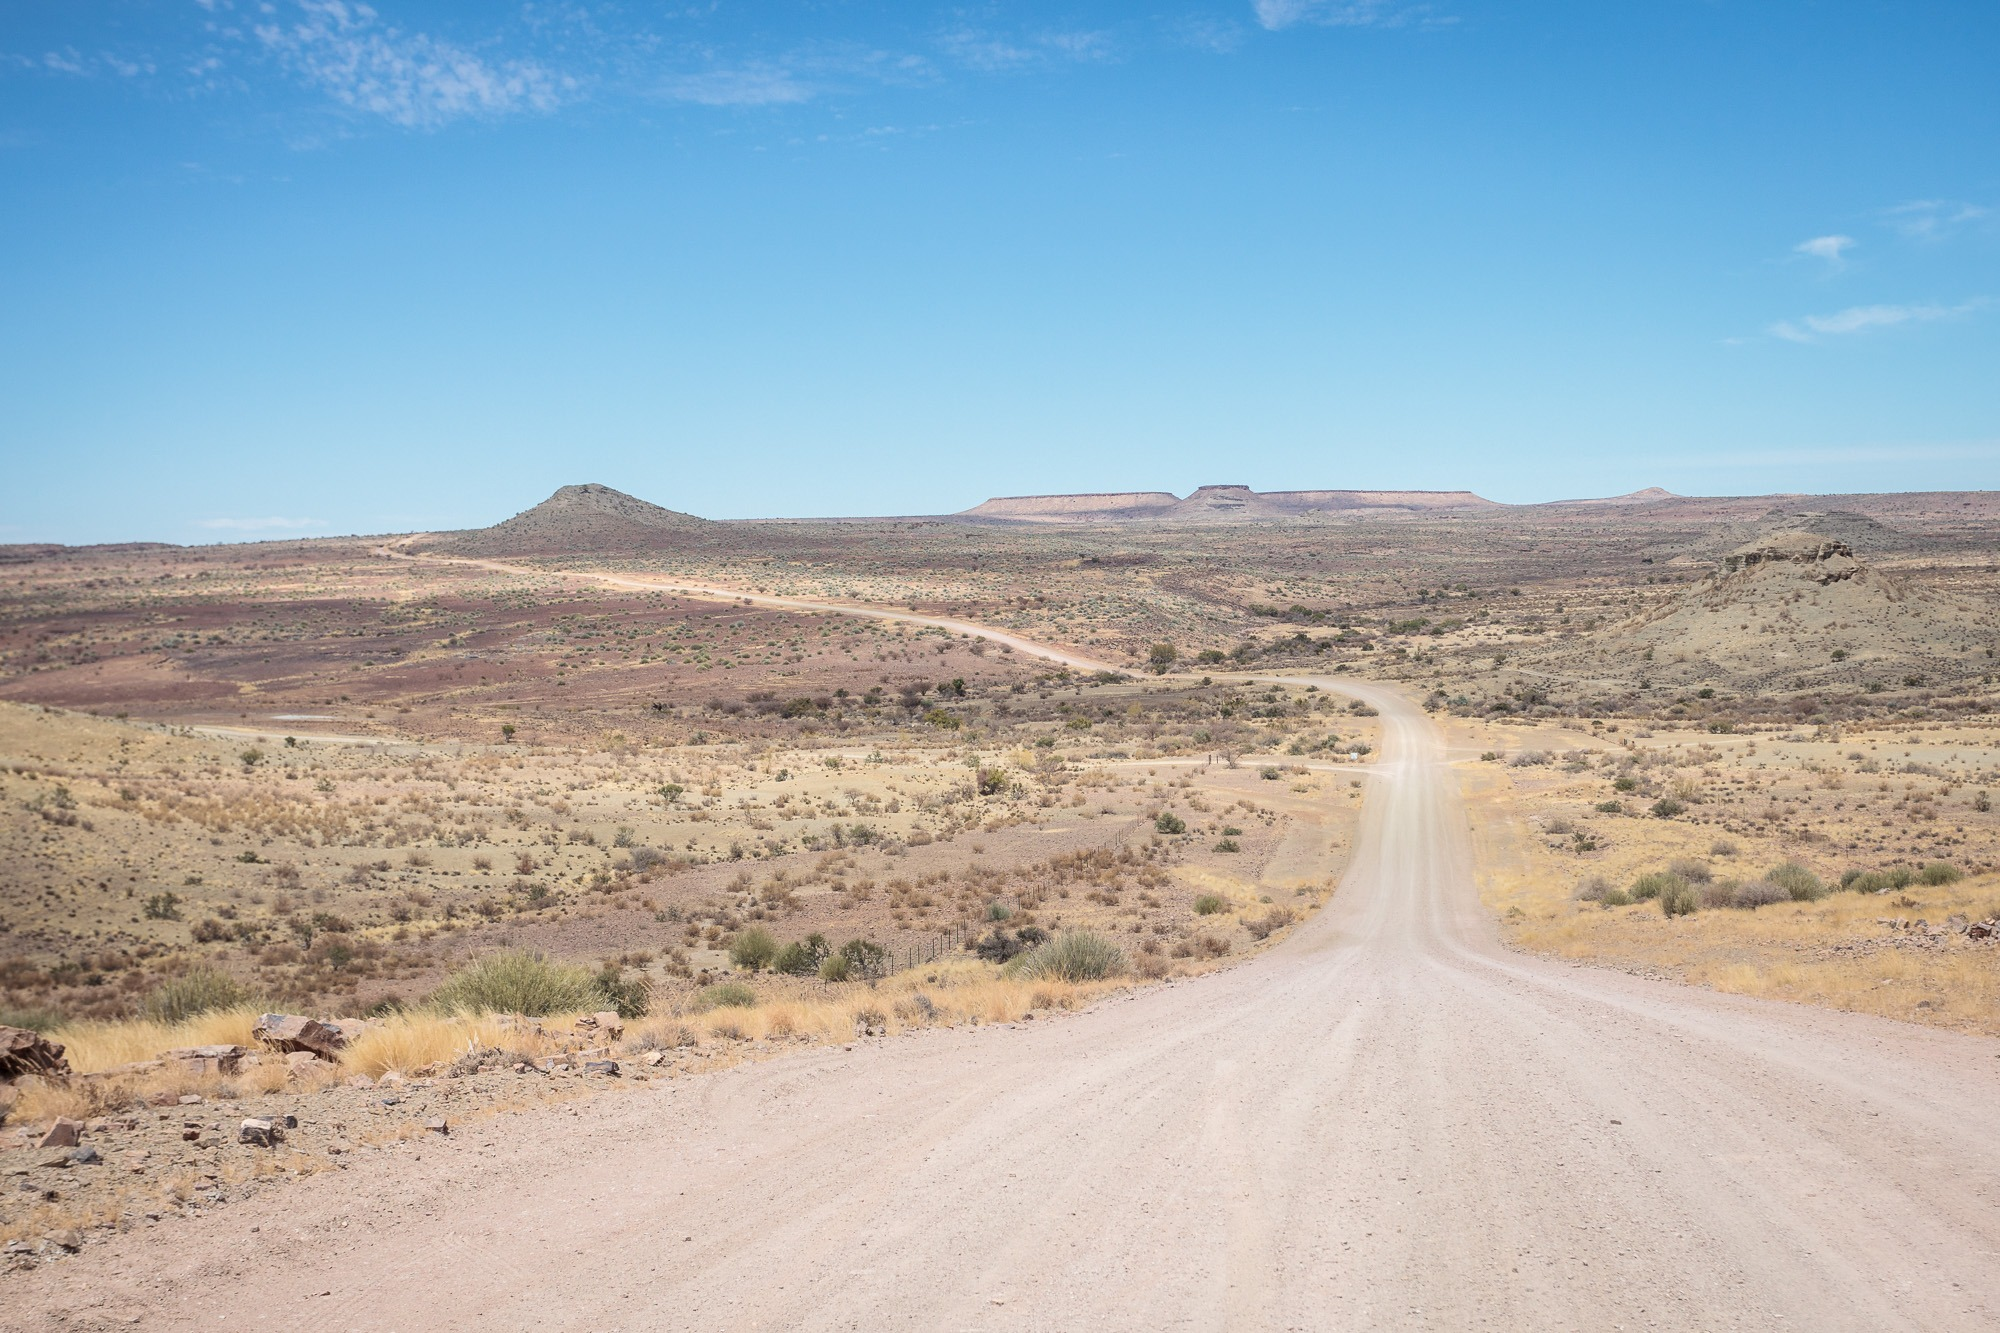 Gerade Staubpiste in der Wüste mit blauem Himmel in Namibia